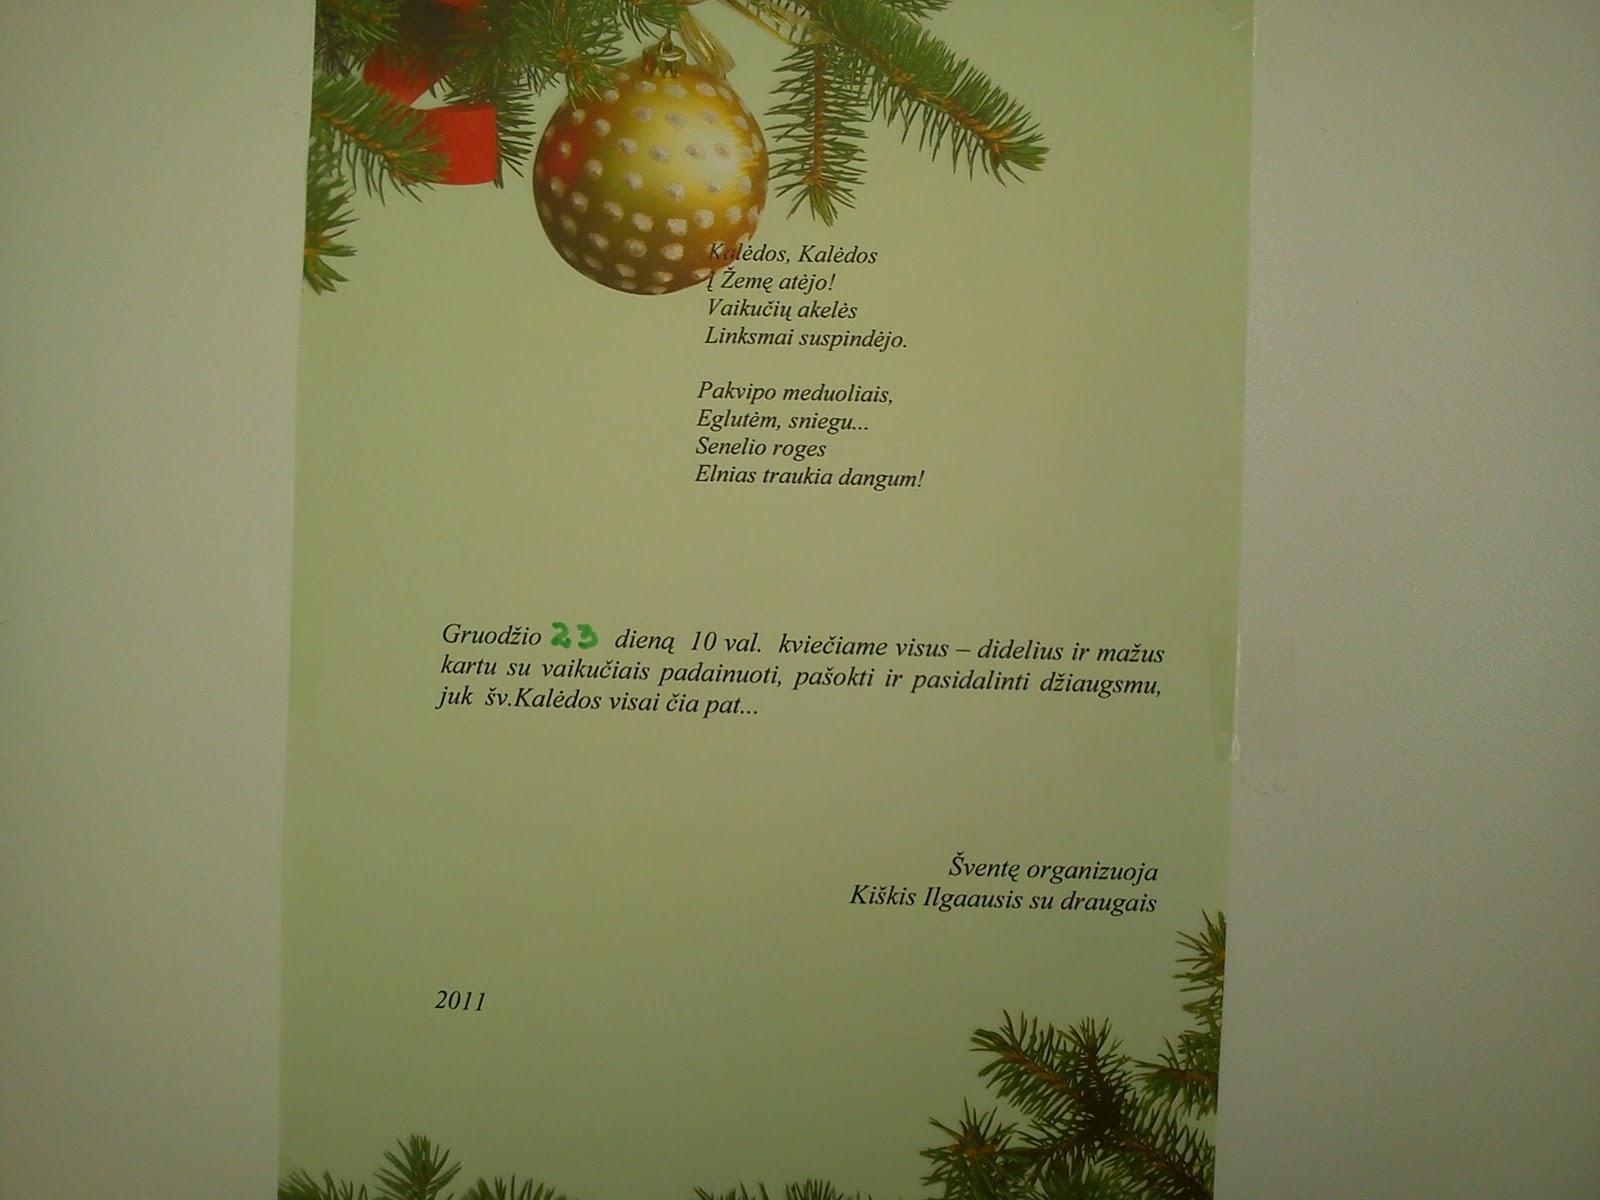 6b56ccab9047 På barnhemmet förbereder de inför fredagens julfest! Kläder och skor  provas. Information om denna julfest ser ut på följande sätt. Det enda jag  förstår är ...